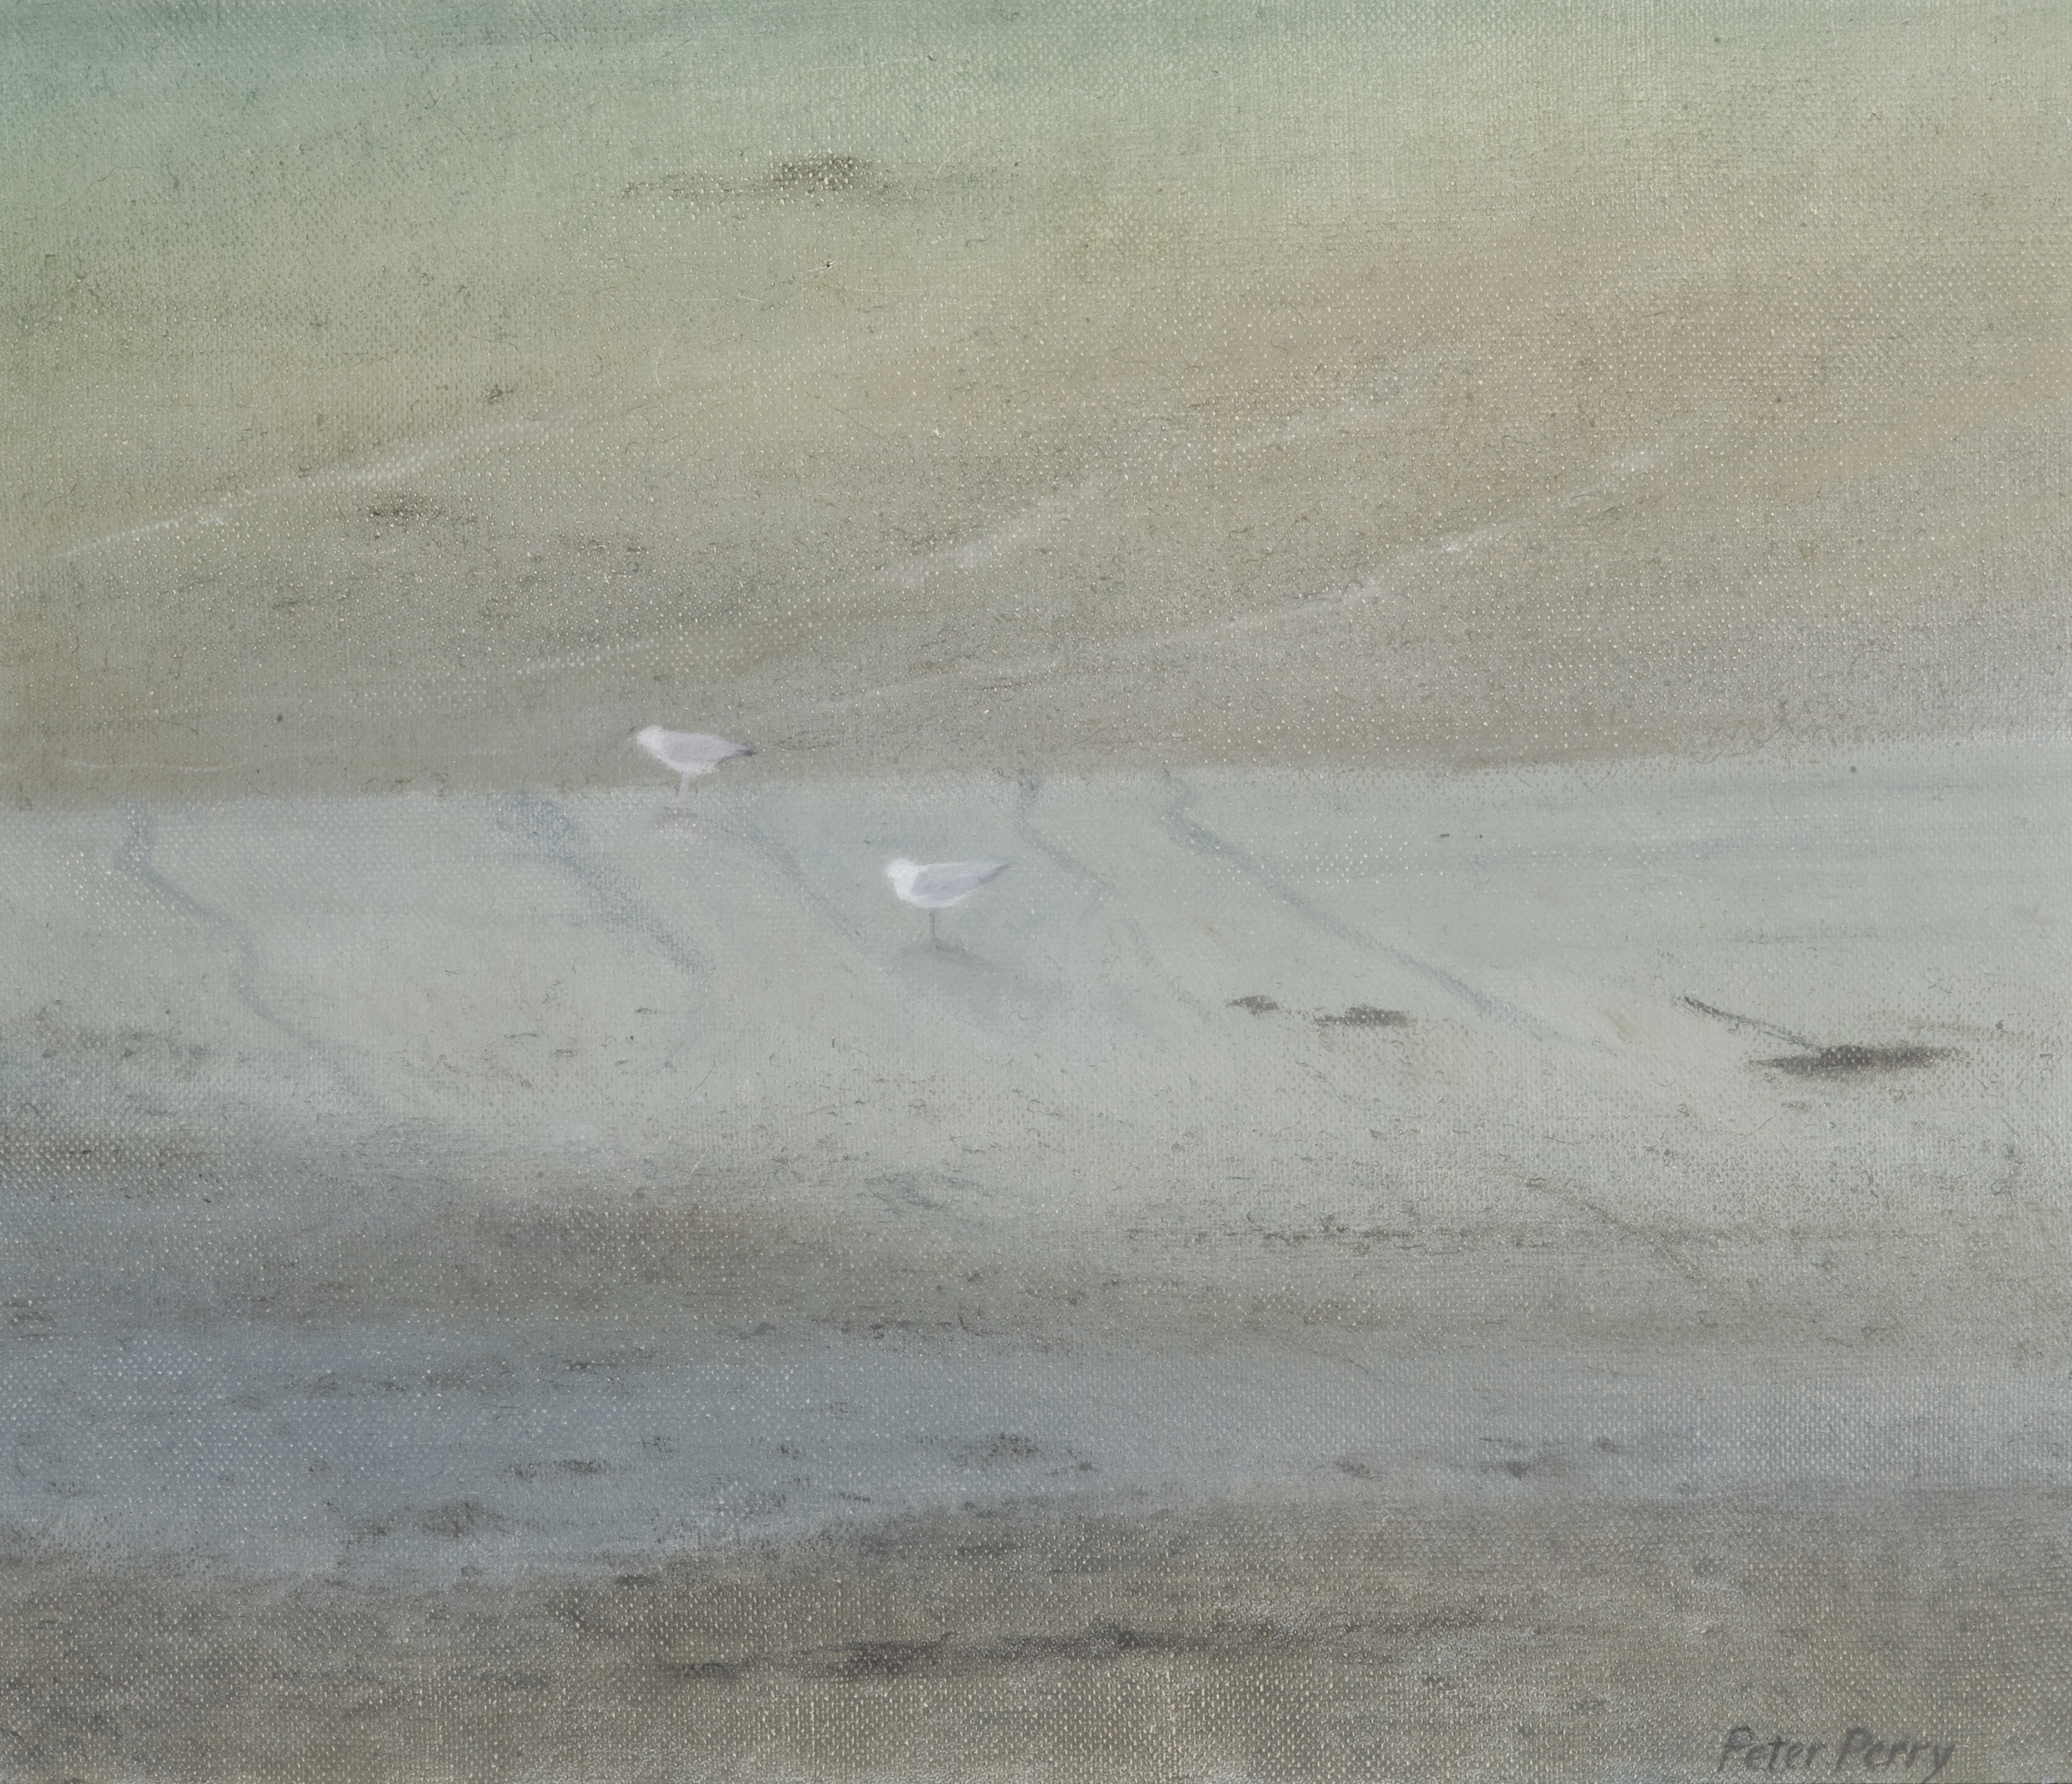 Mudflats, Newlyn